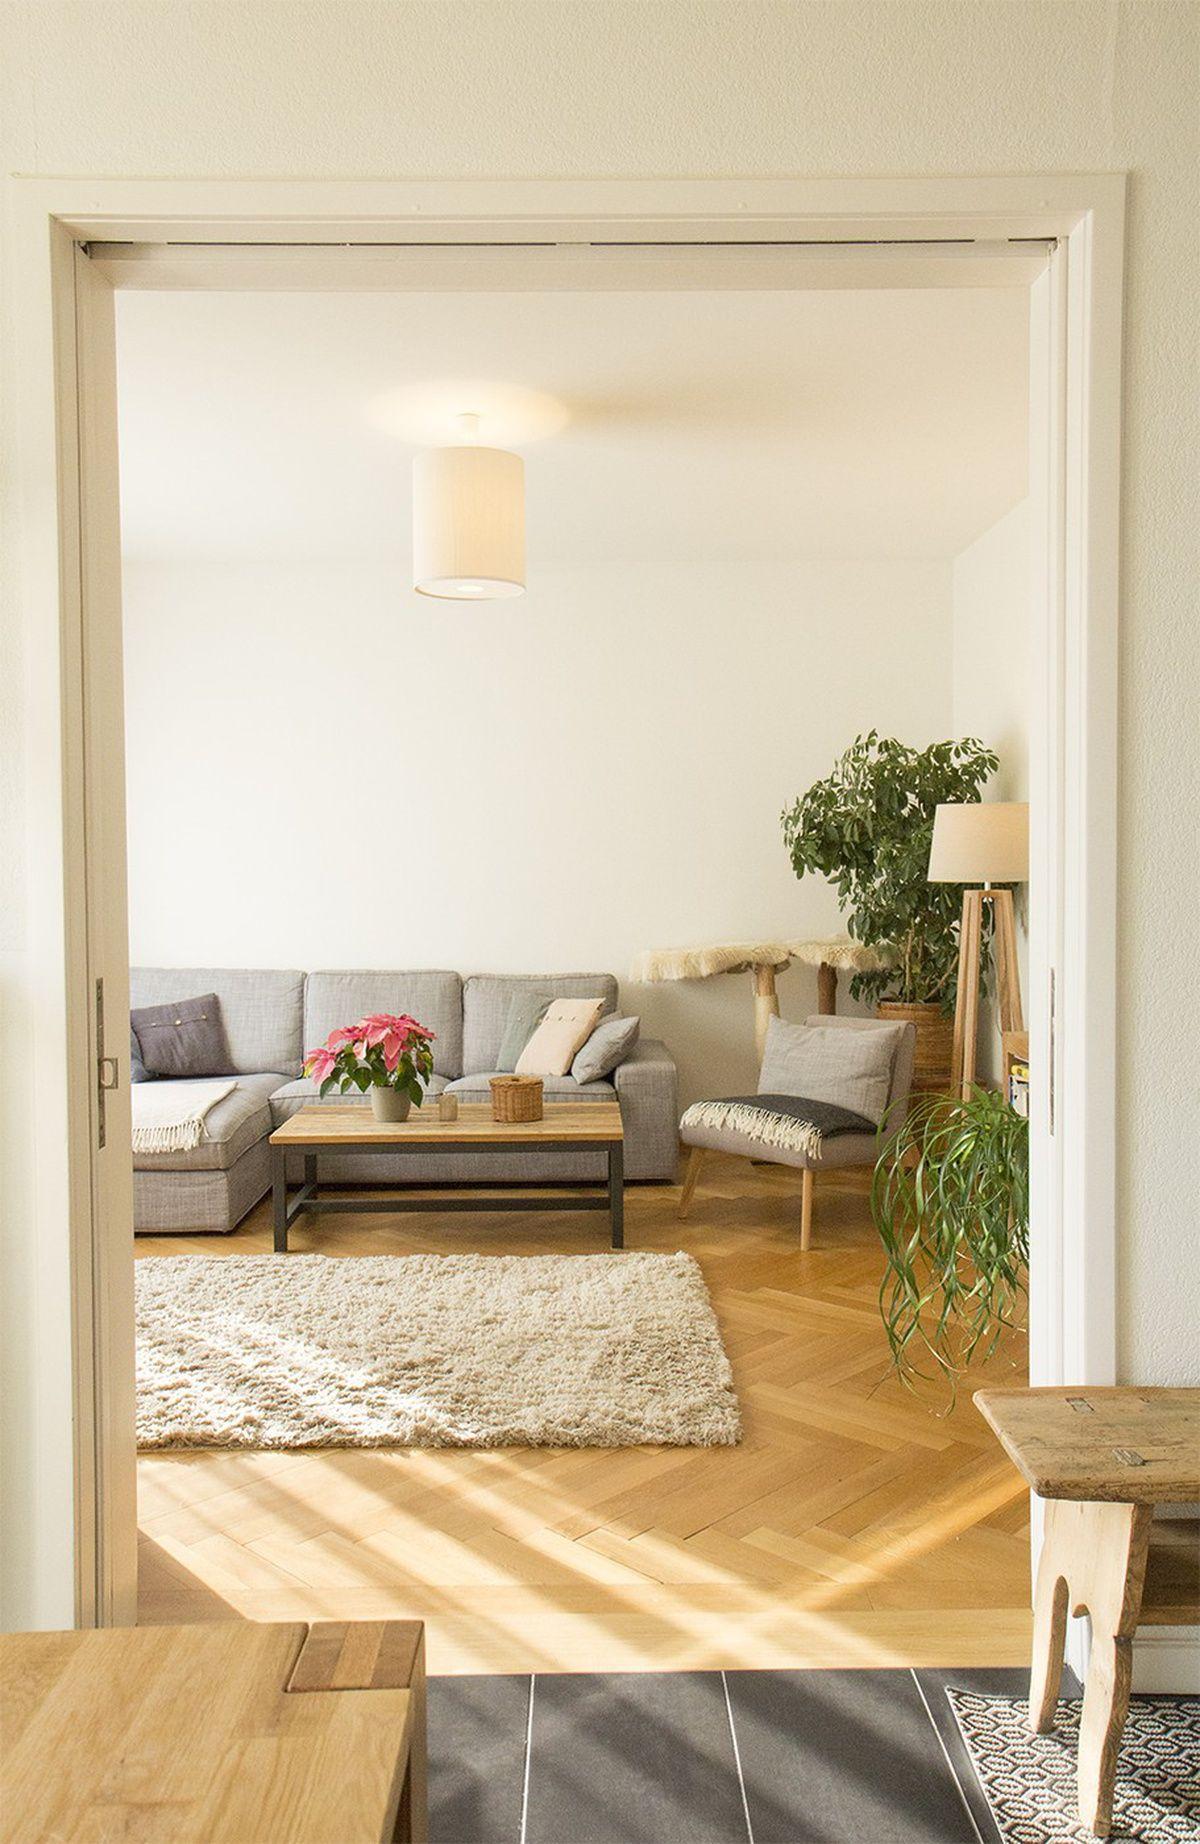 Stilvolle 3 5 Zimmer Wohnung In Zurich Zu Vermieten 5 Zimmer Wohnung Wohnung Wohnung Mieten